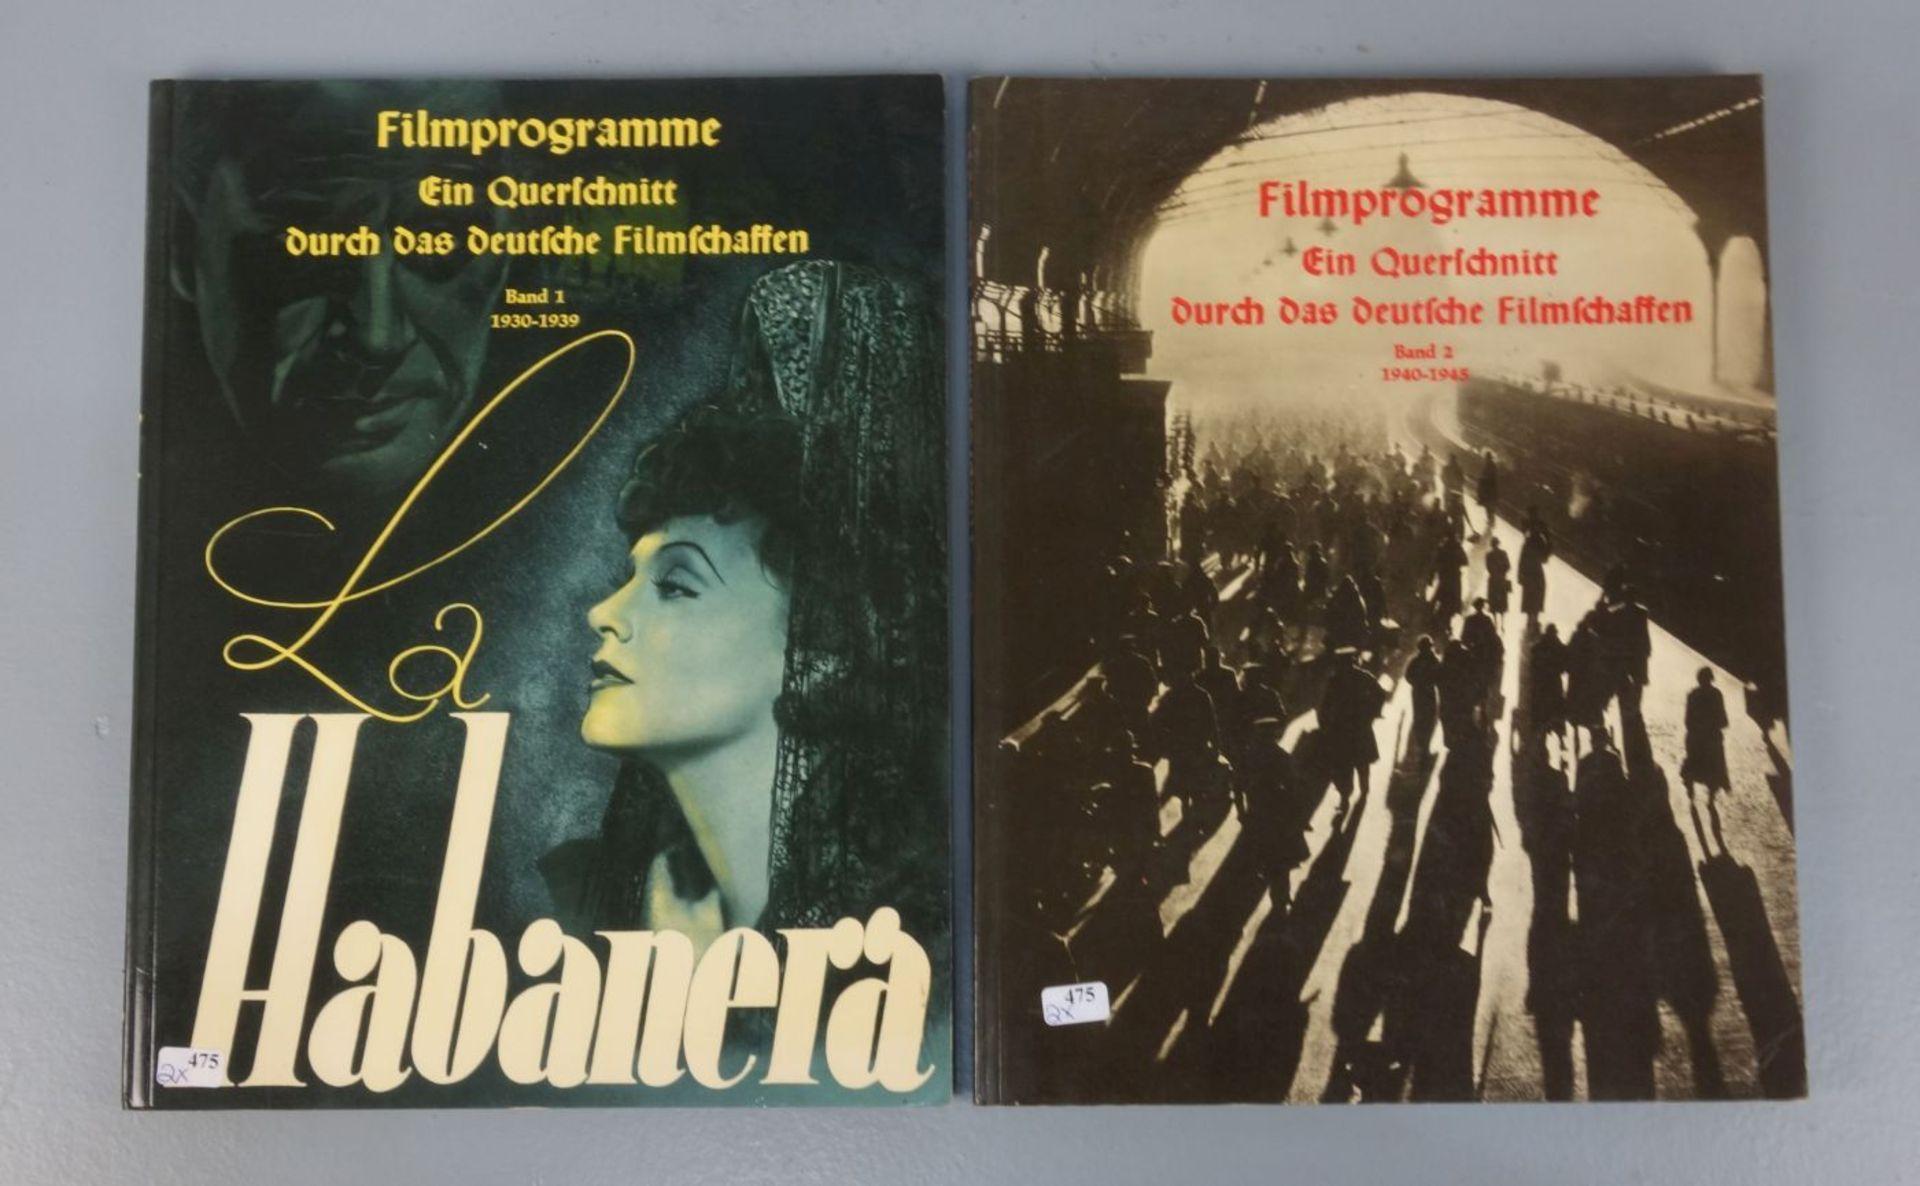 ZWEI HEFTE: Filmprogramme von 1930-1945